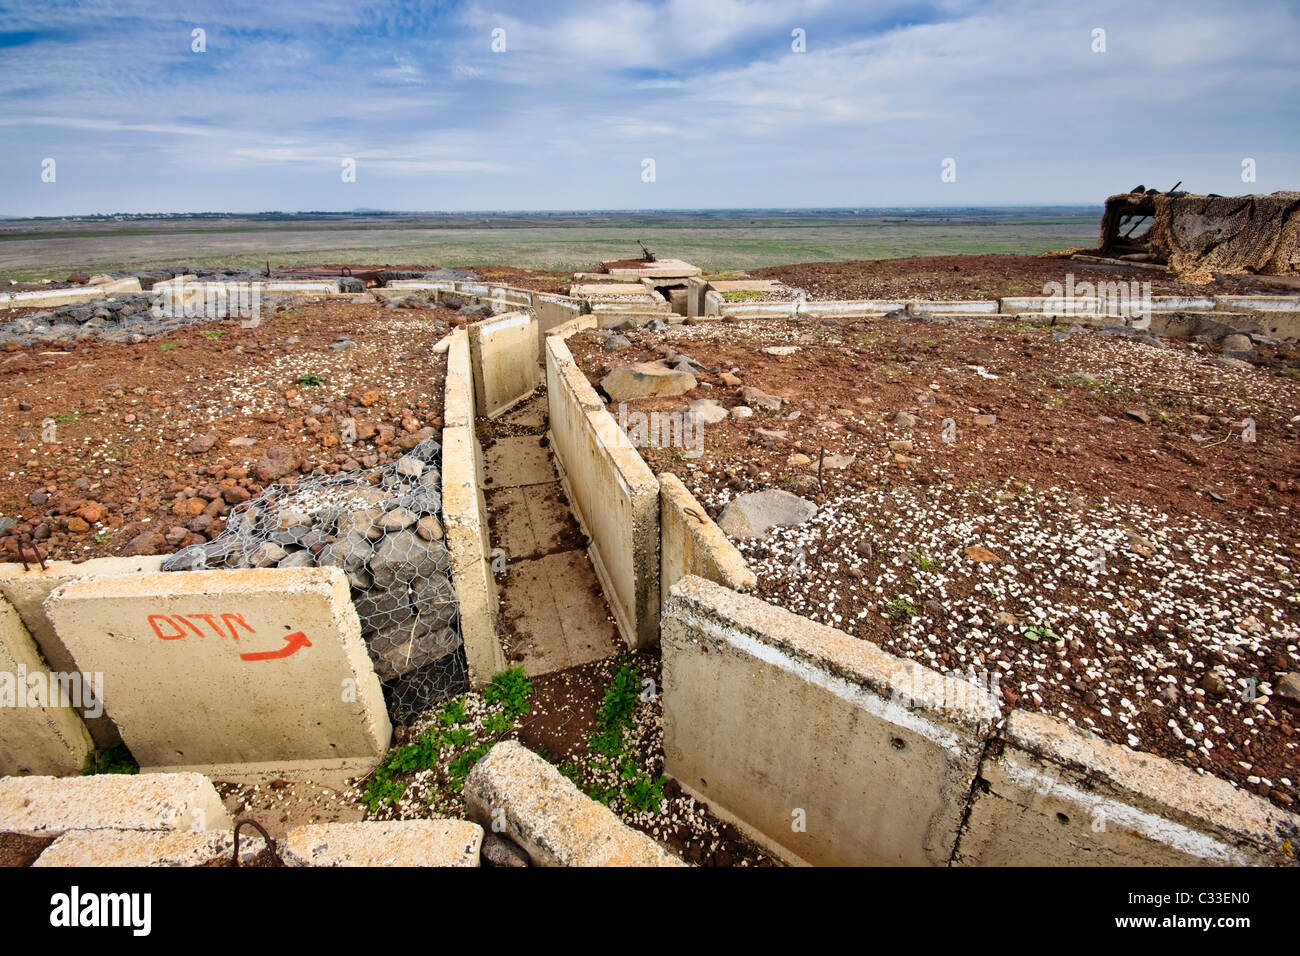 Alture del Golan, Israele. Un bunker e trincee che si affaccia sul confine Israeli-Syrian a 'Tel Saki' ('l'Saki Immagini Stock